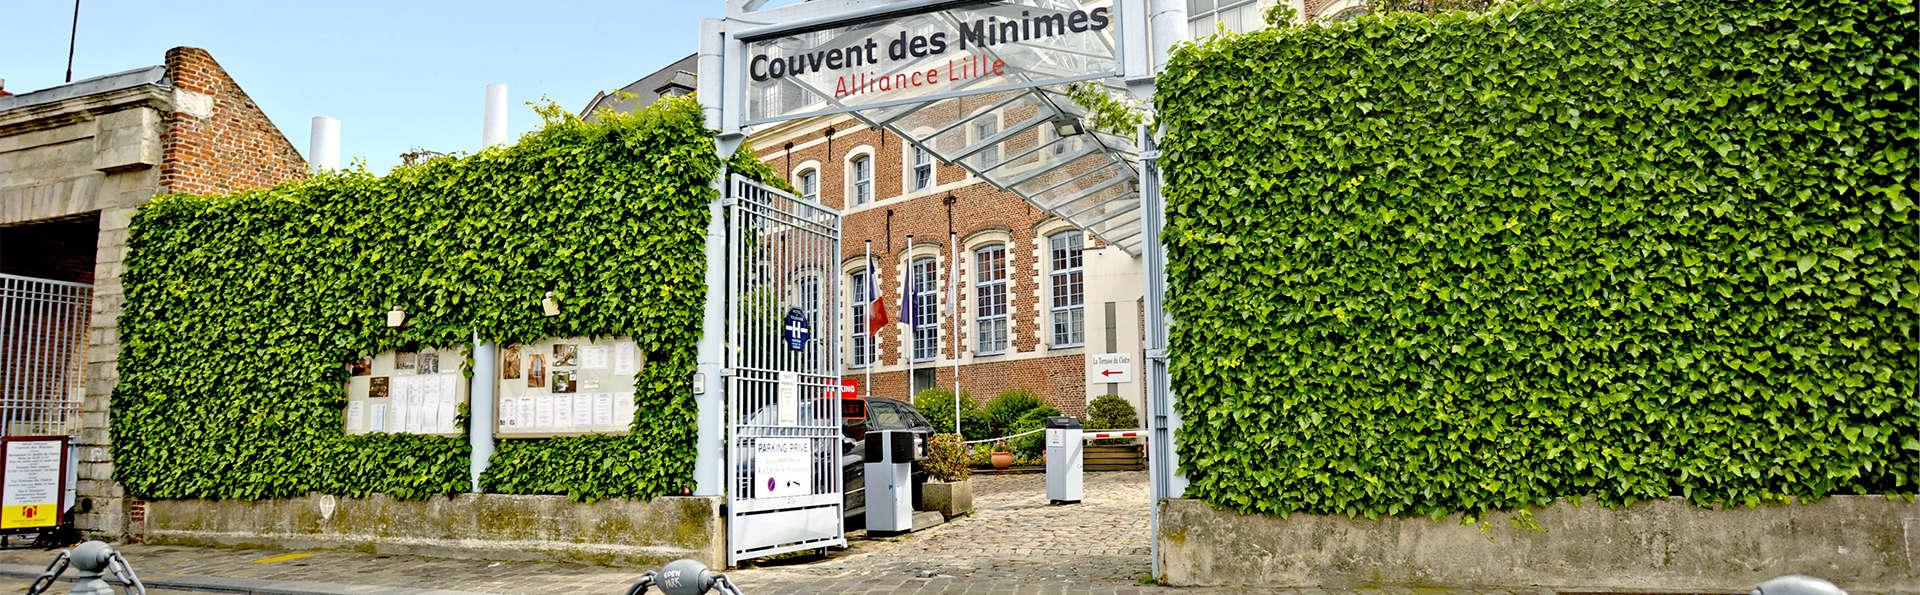 Hôtel Alliance Couvent des Minimes - EDIT_facade.jpg